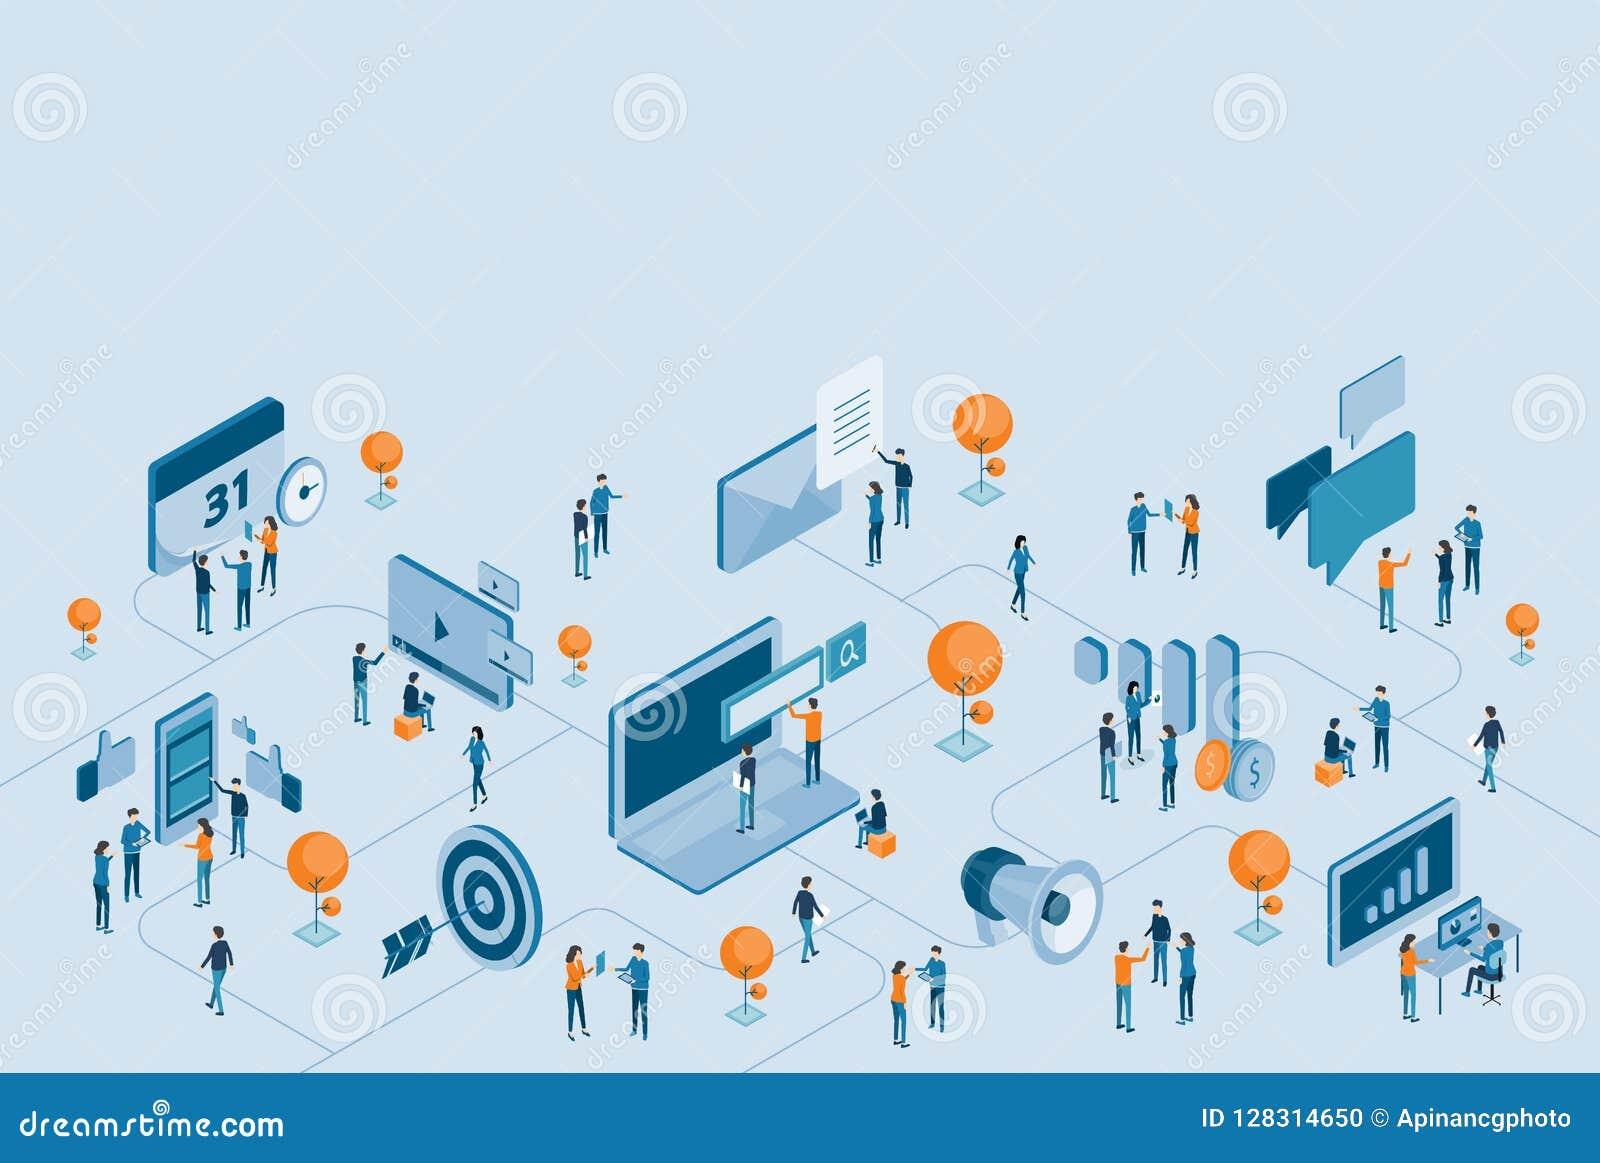 Равновеликий дизайн для соединения цифрового маркетинга дела онлайн